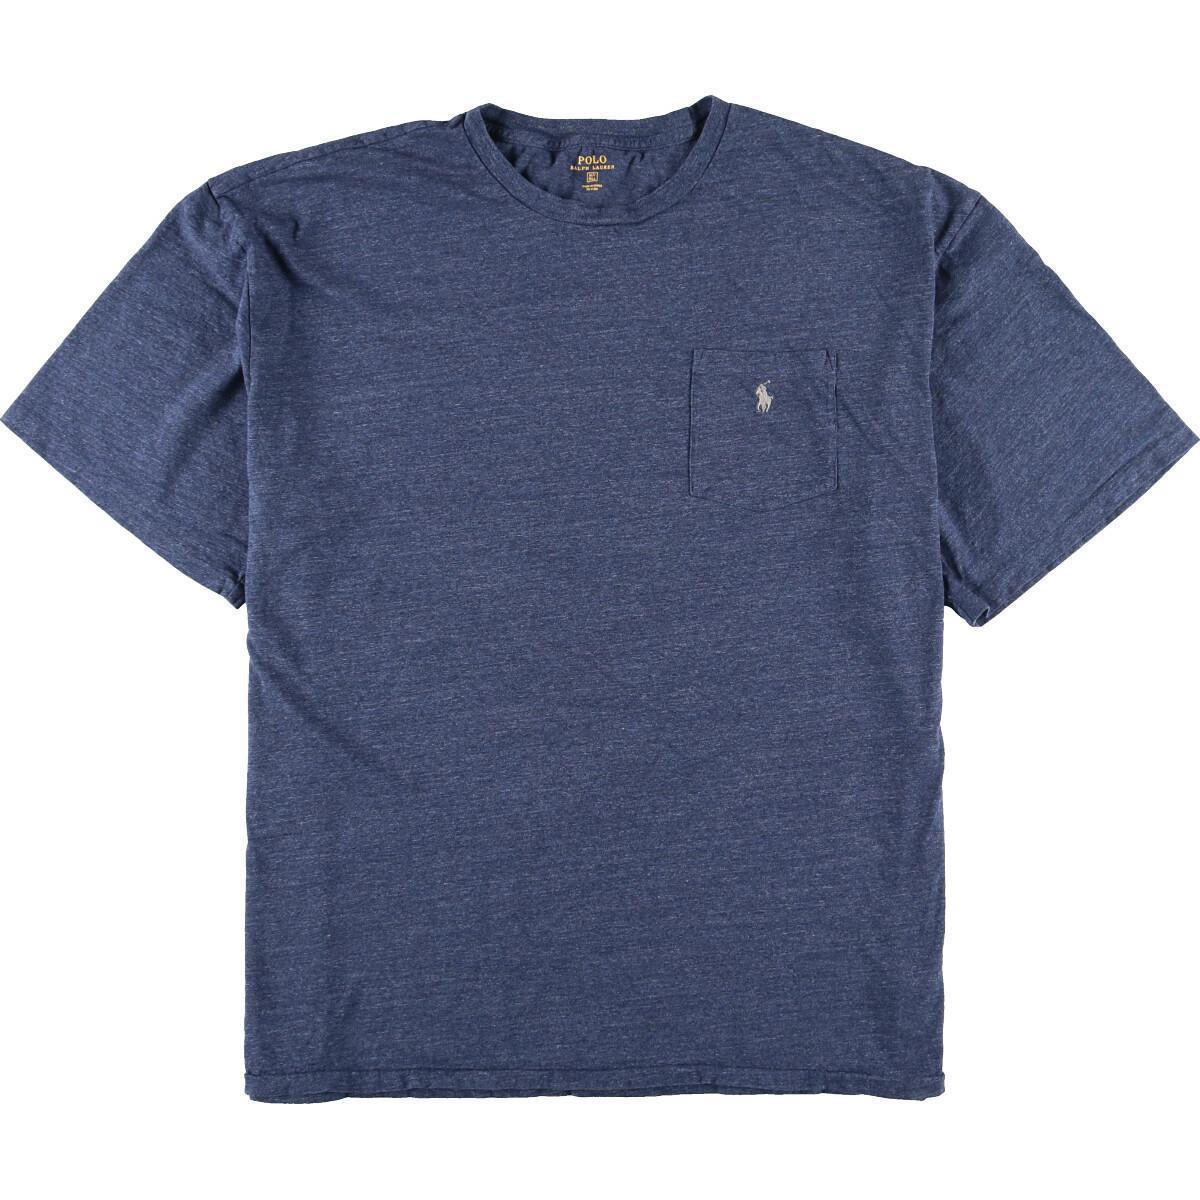 ラルフローレン Ralph Lauren POLO RALPH LAUREN 半袖 ワンポイントロゴポケットTシャツ メンズ4XL /eaa164848_画像1